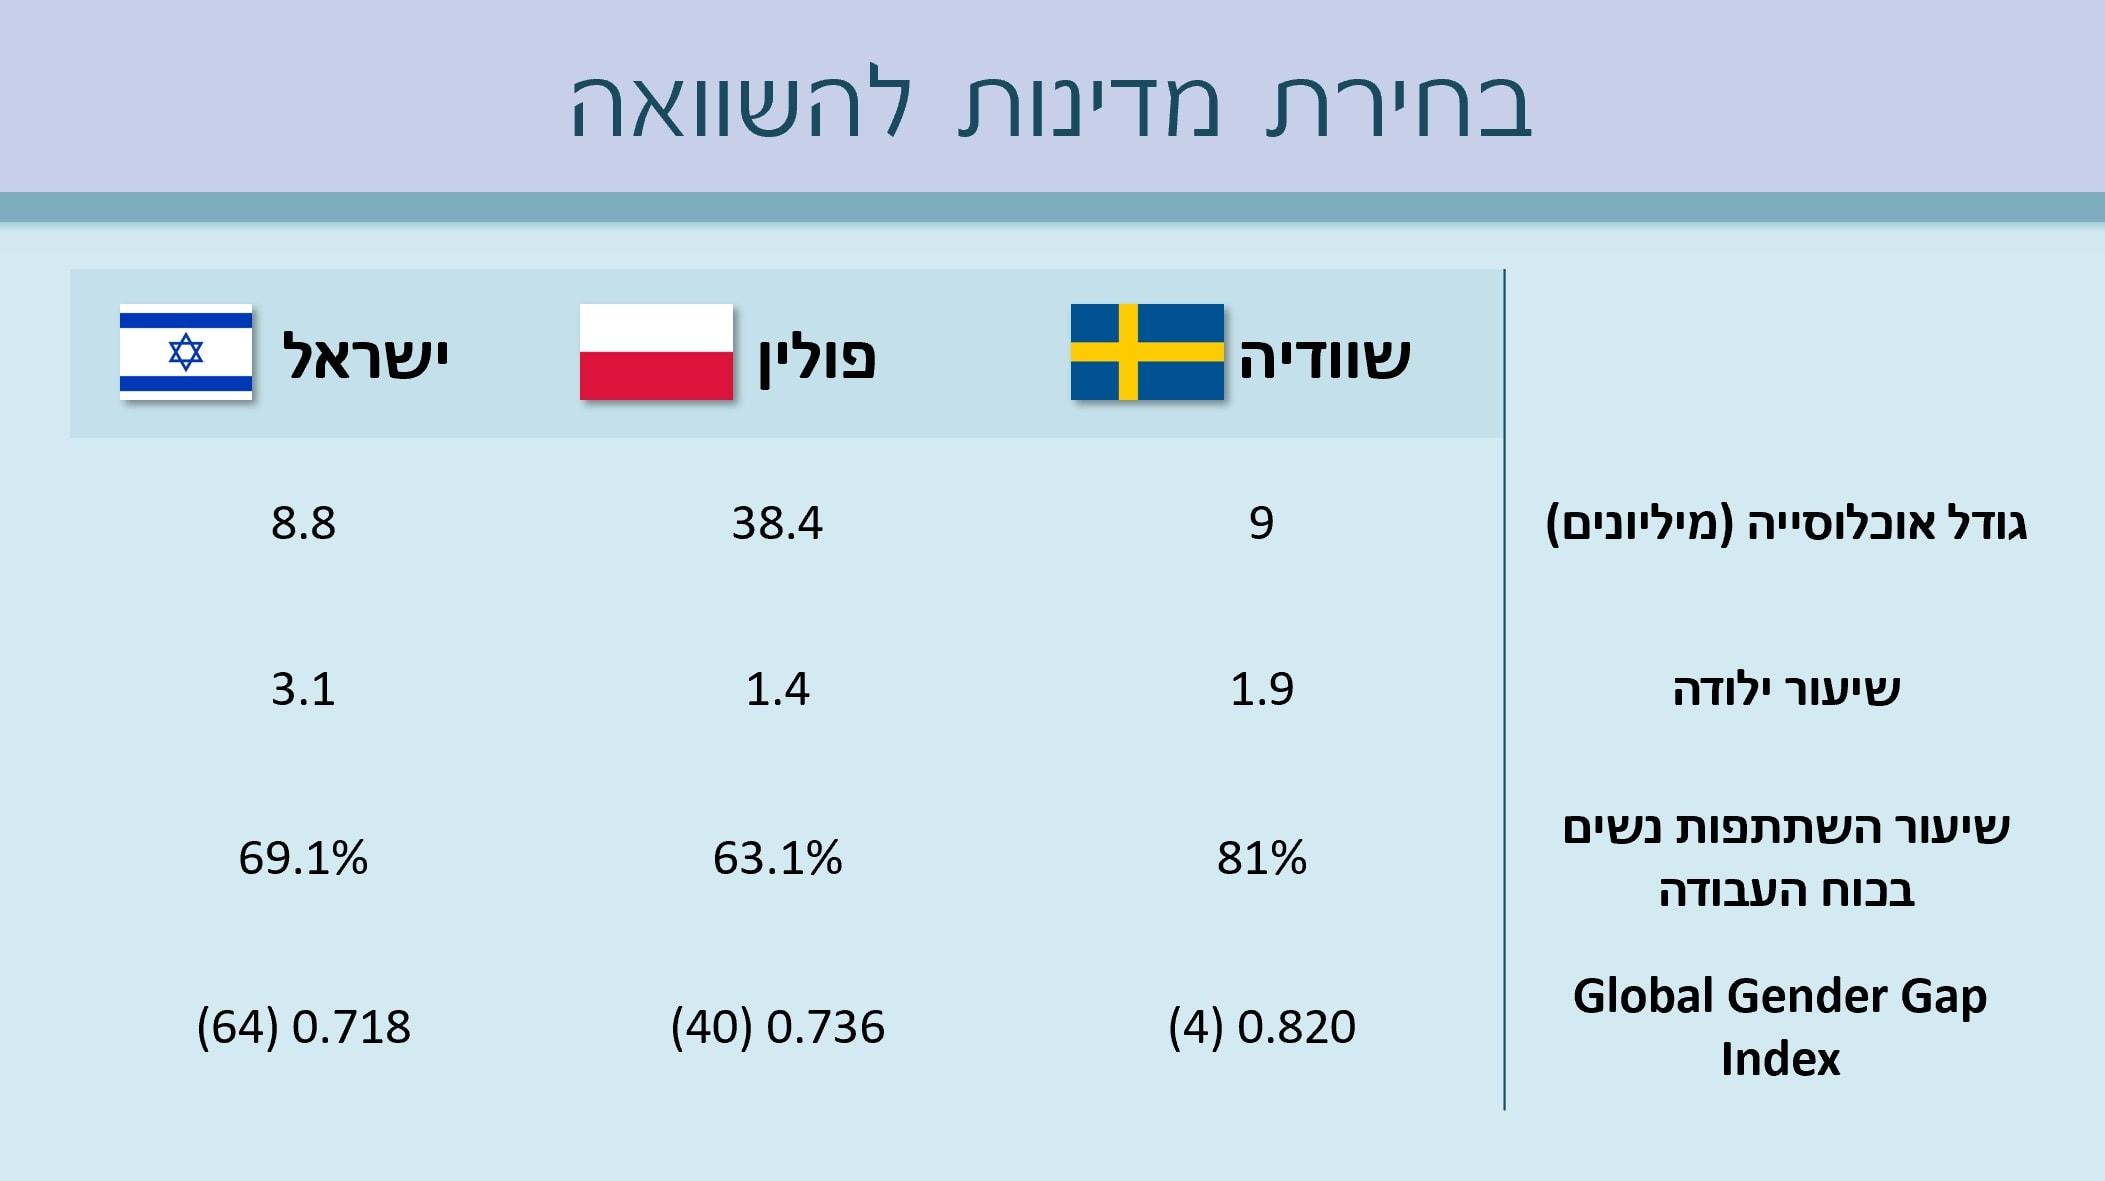 השוואה בין מדינות בהשתתפות נשים בשוק העבודה